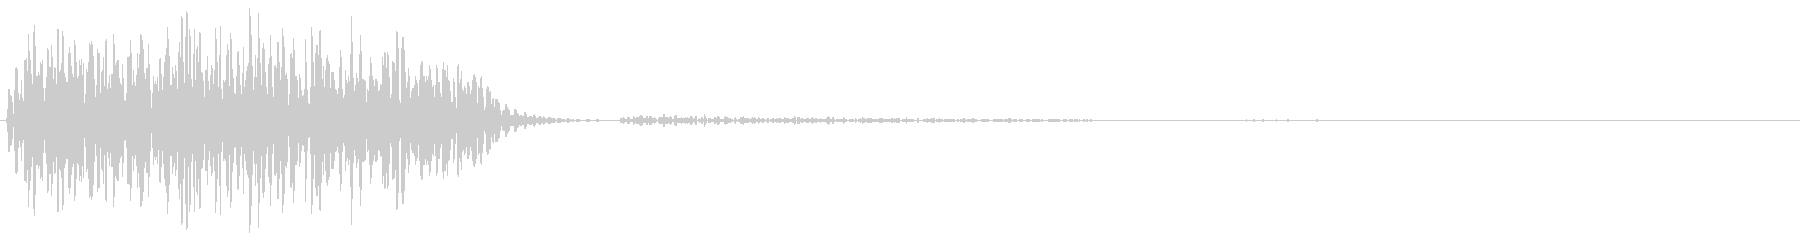 ブギューン(ダメージ・攻撃を受ける)の未再生の波形